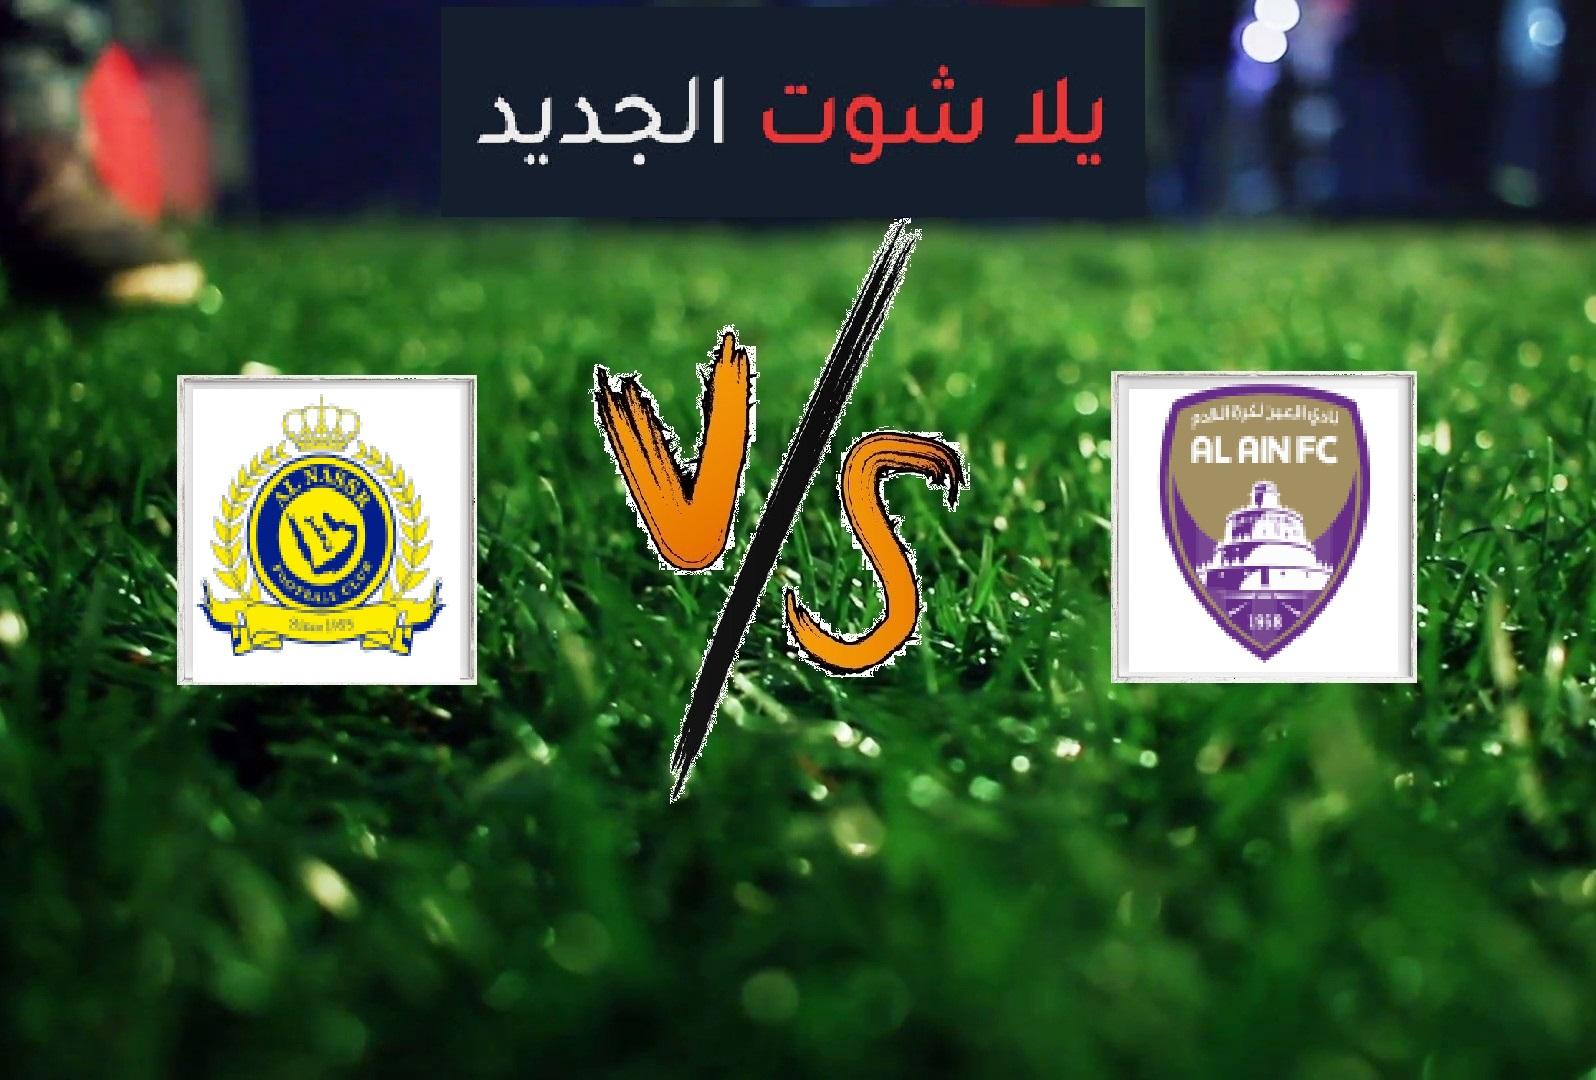 نتيجة مباراة النصر والعين بتاريخ 18-02-2020 دوري أبطال آسيا